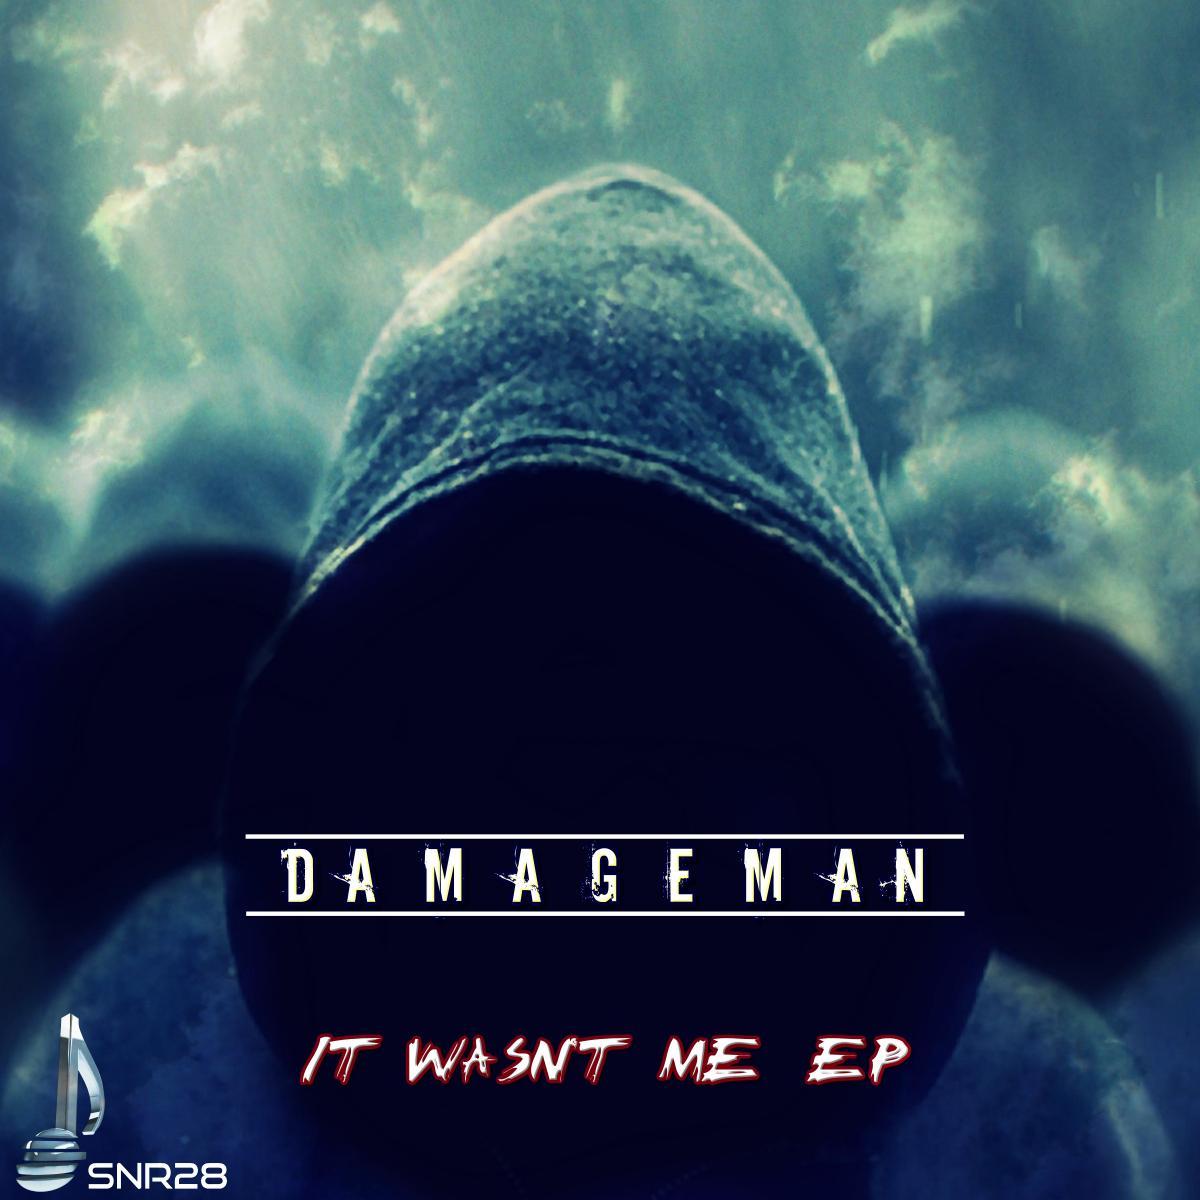 Damageman - It Wasn't Me